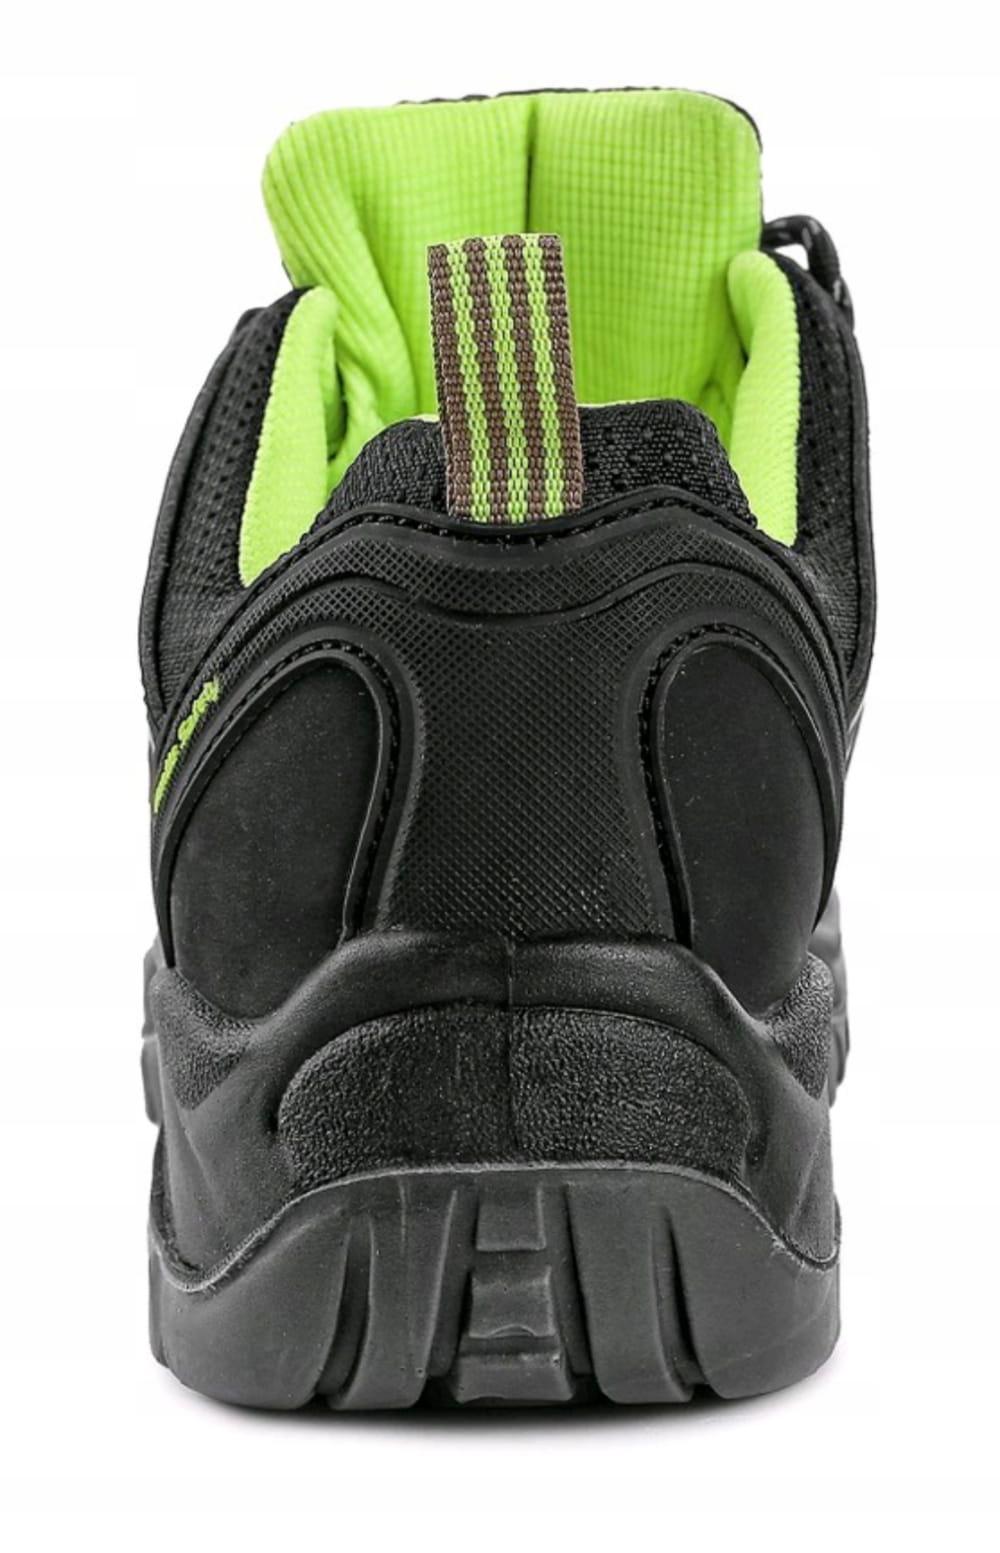 Buty robocze trzewik UNIVERSE METEOR S3 CXS #43 Rozmiar obuwia 43